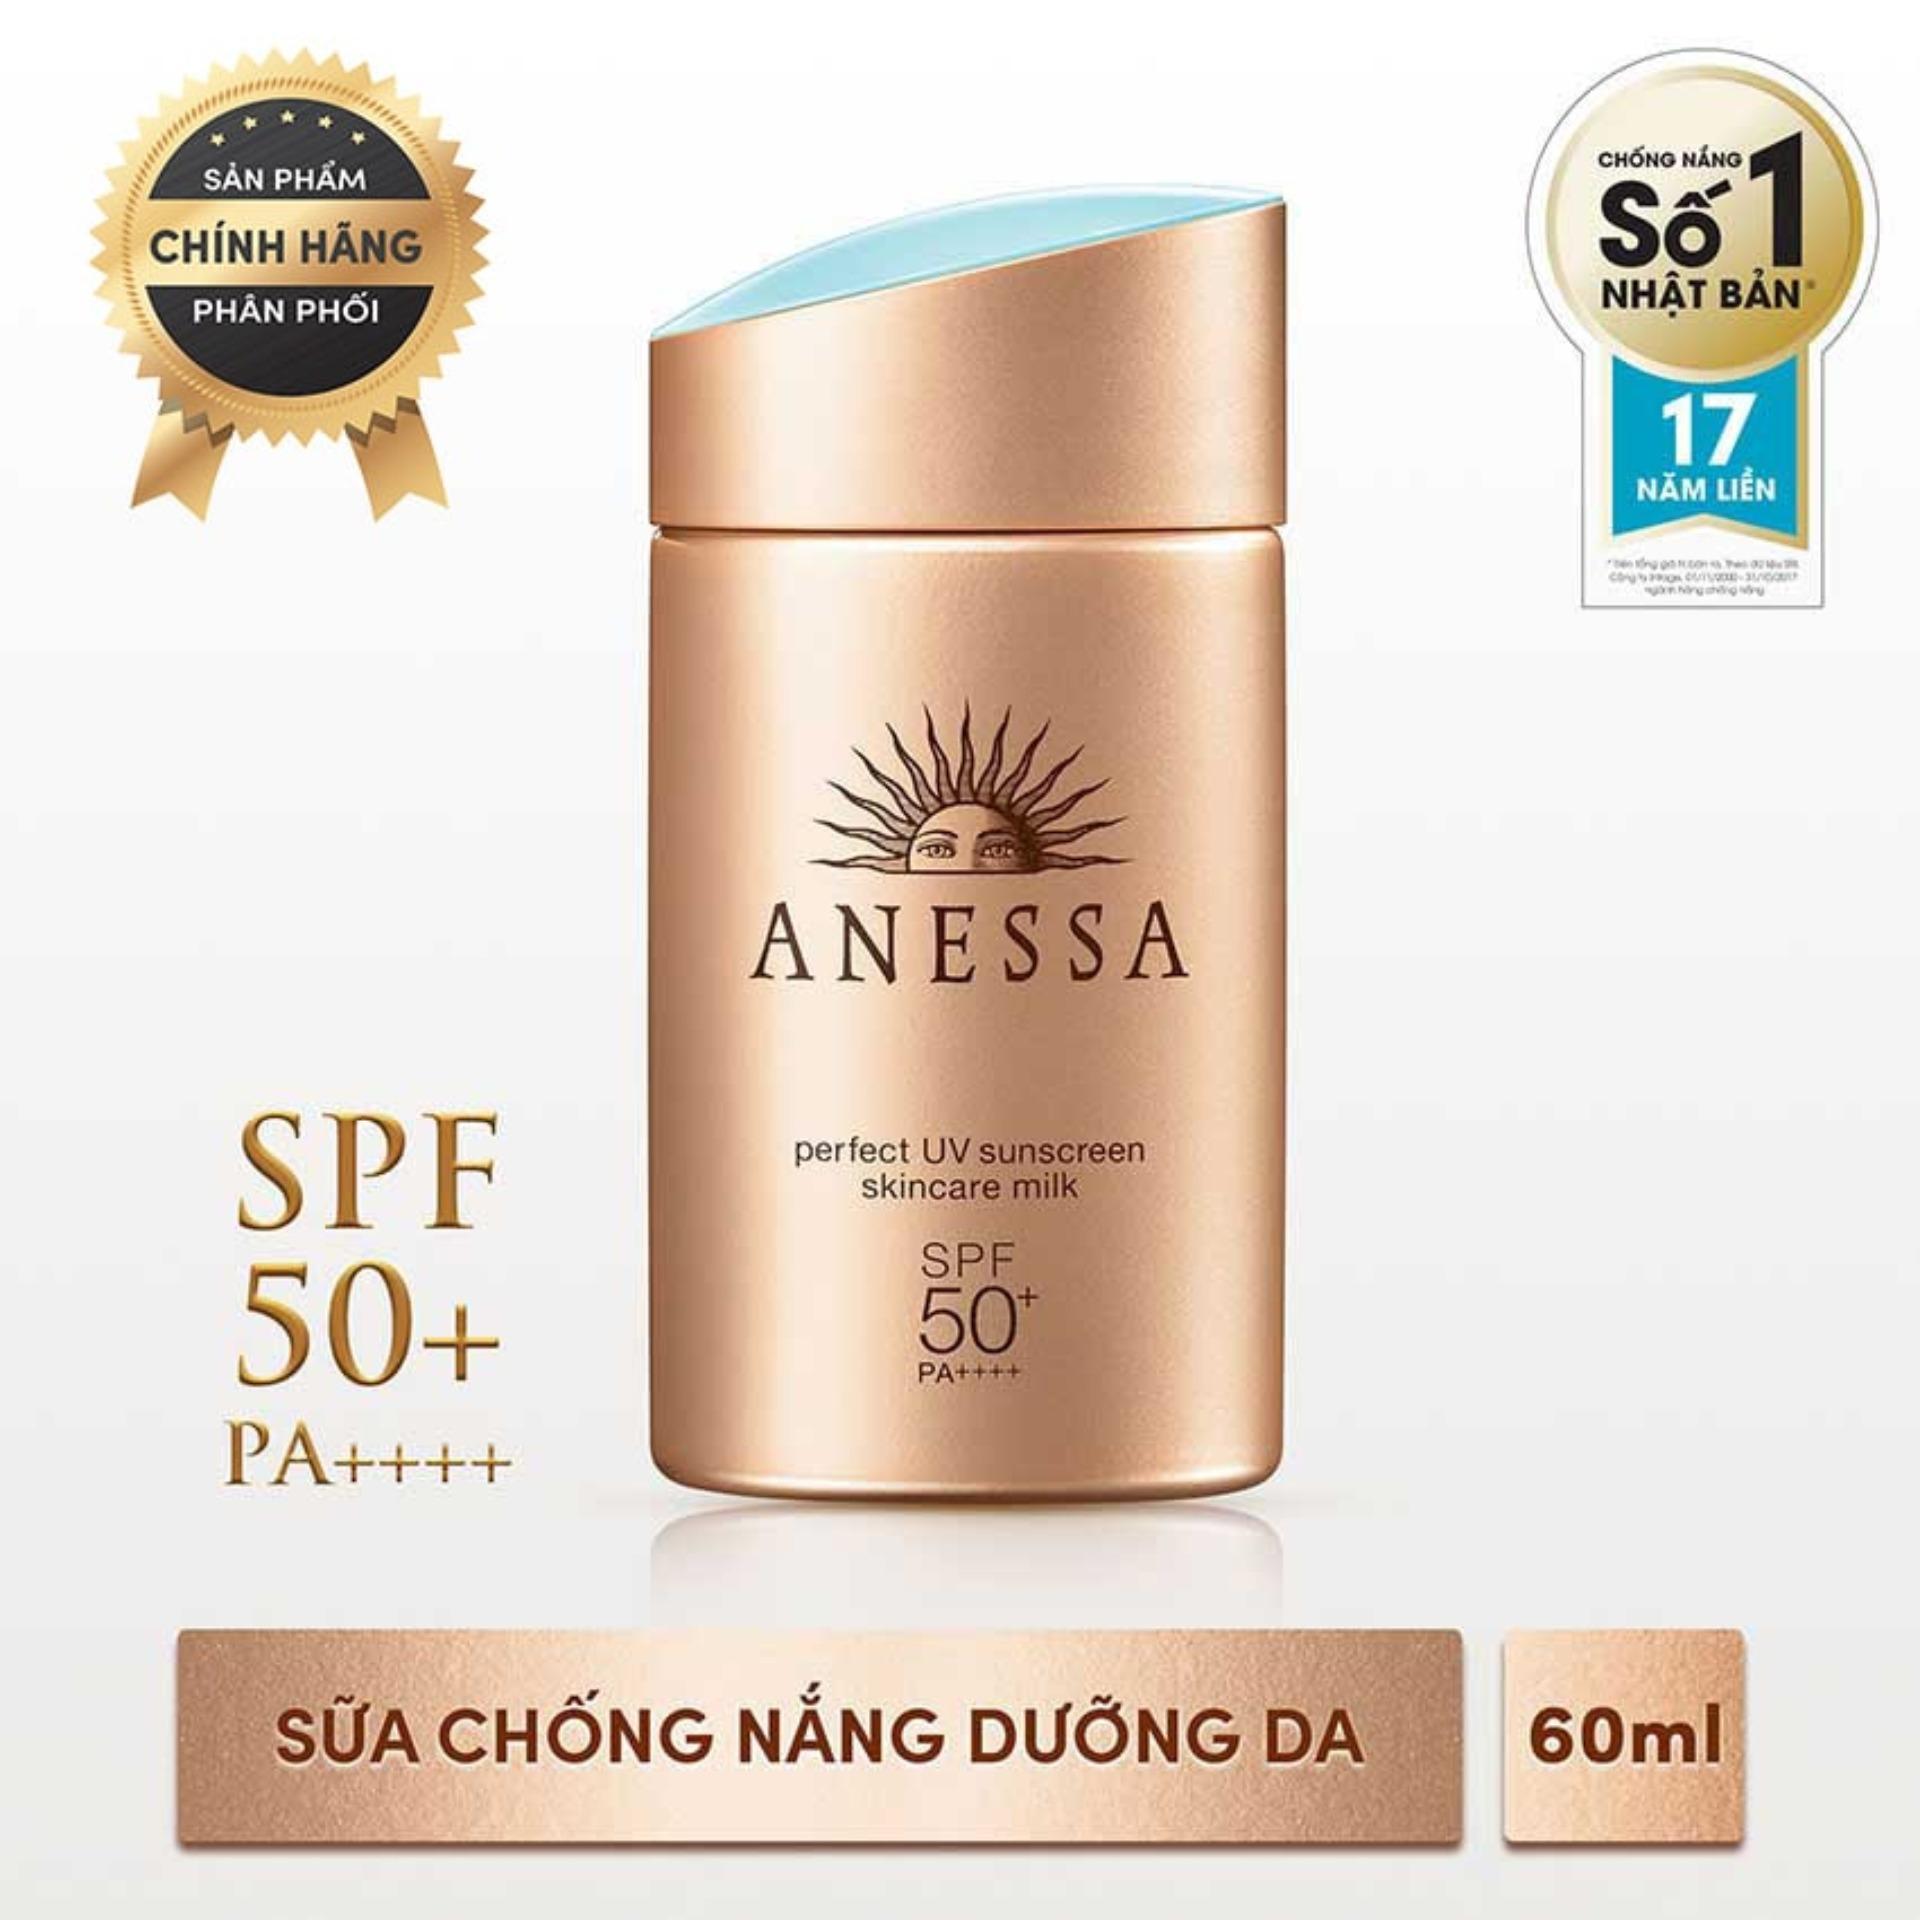 Sữa chống nắng kiềm dầu bảo vệ hoàn hảo không nhờn rít Anessa Perfect UV Sunscreen Skincare Milk - SPF 50+, PA++++ - 60ml